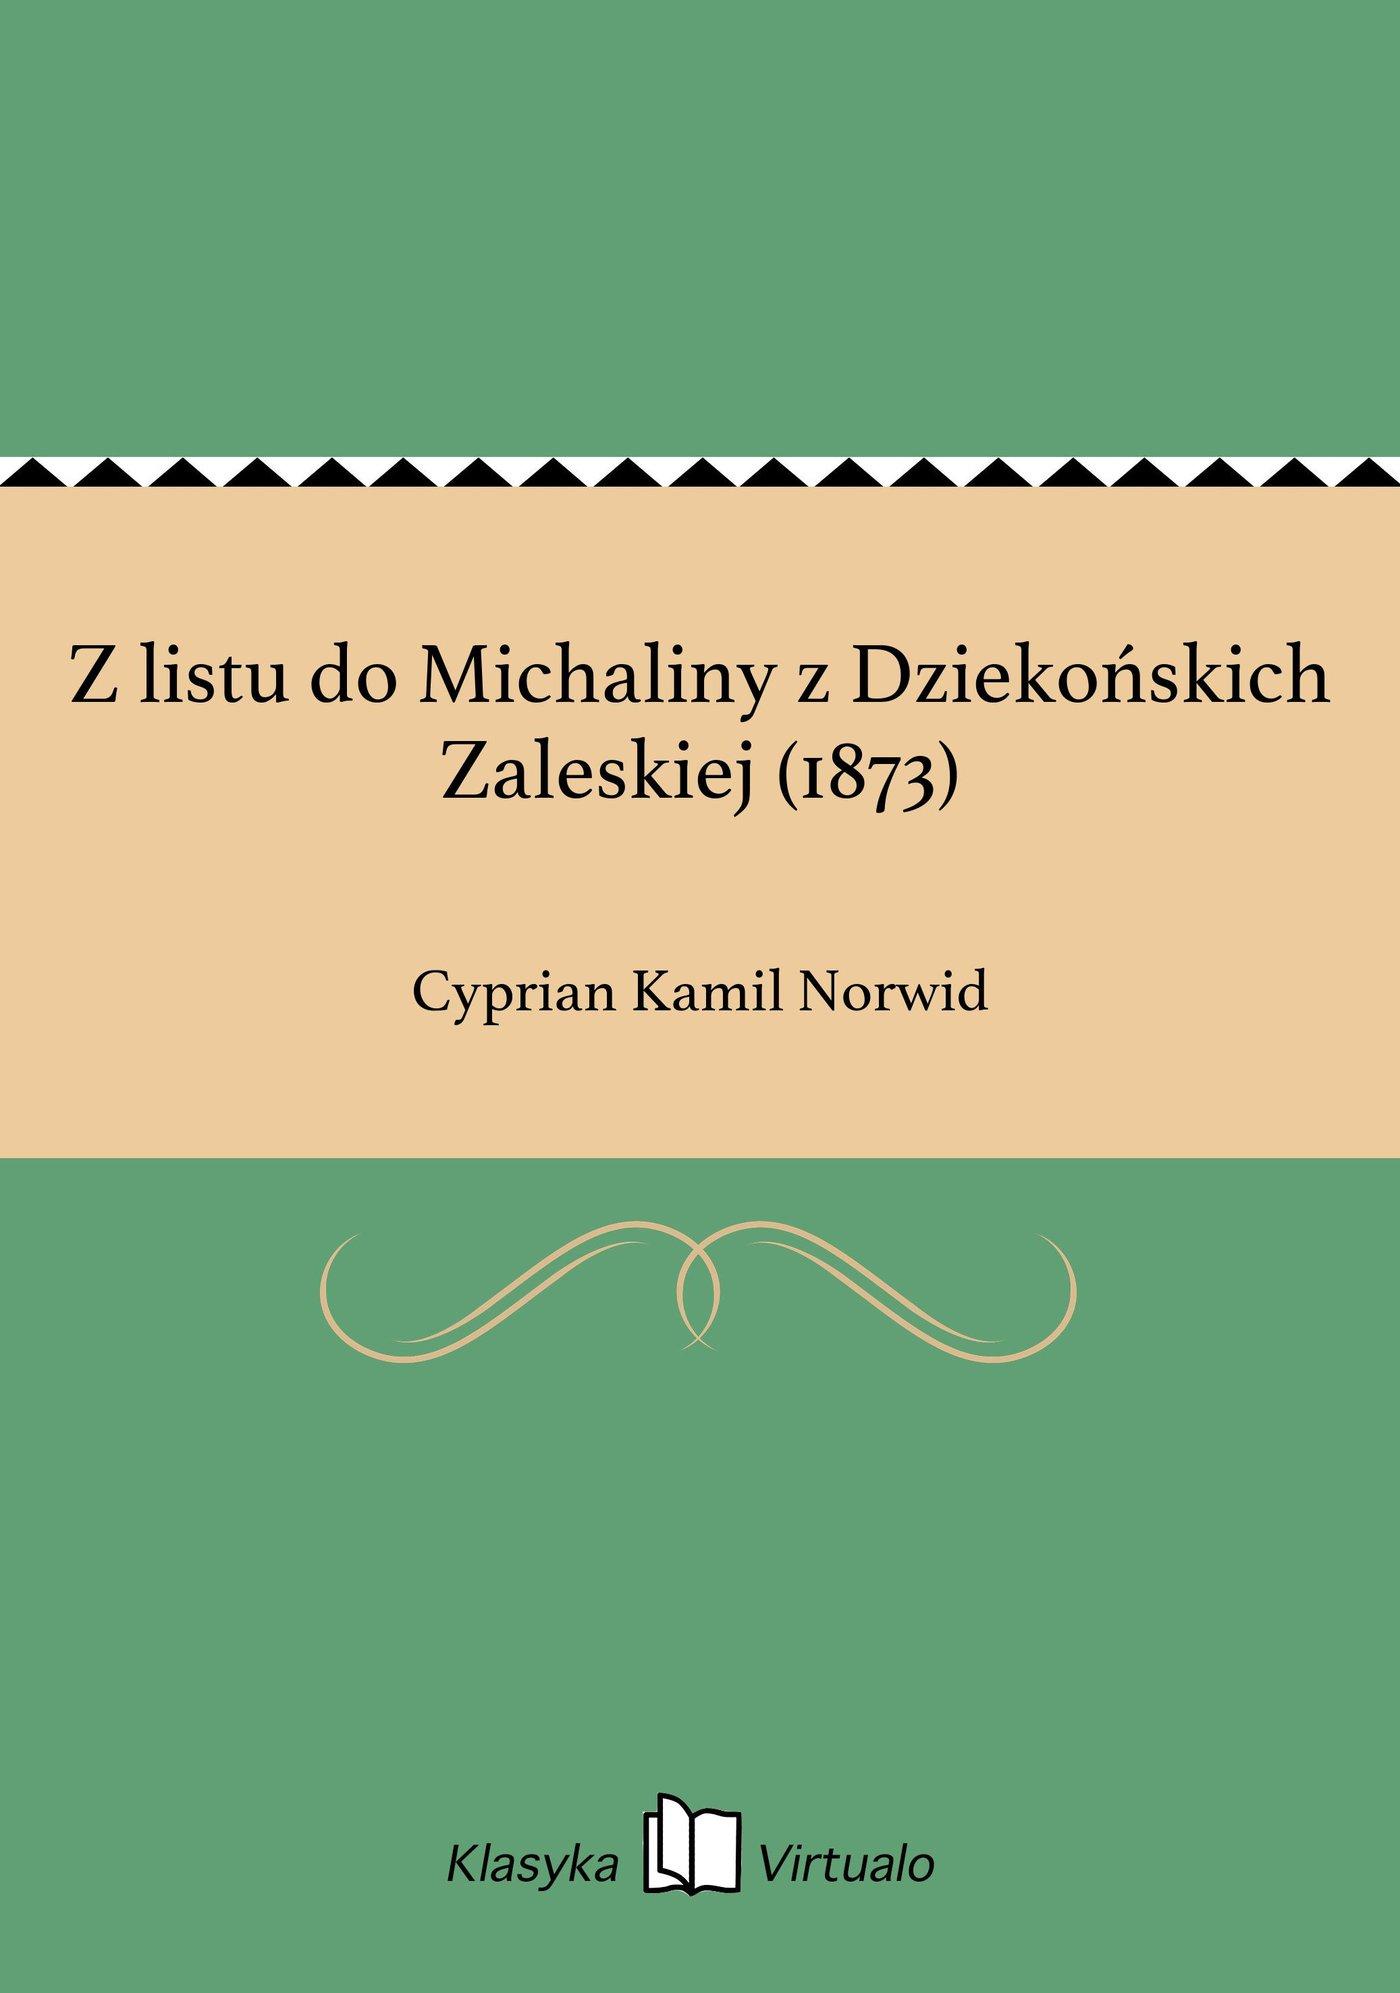 Z listu do Michaliny z Dziekońskich Zaleskiej (1873) - Ebook (Książka na Kindle) do pobrania w formacie MOBI